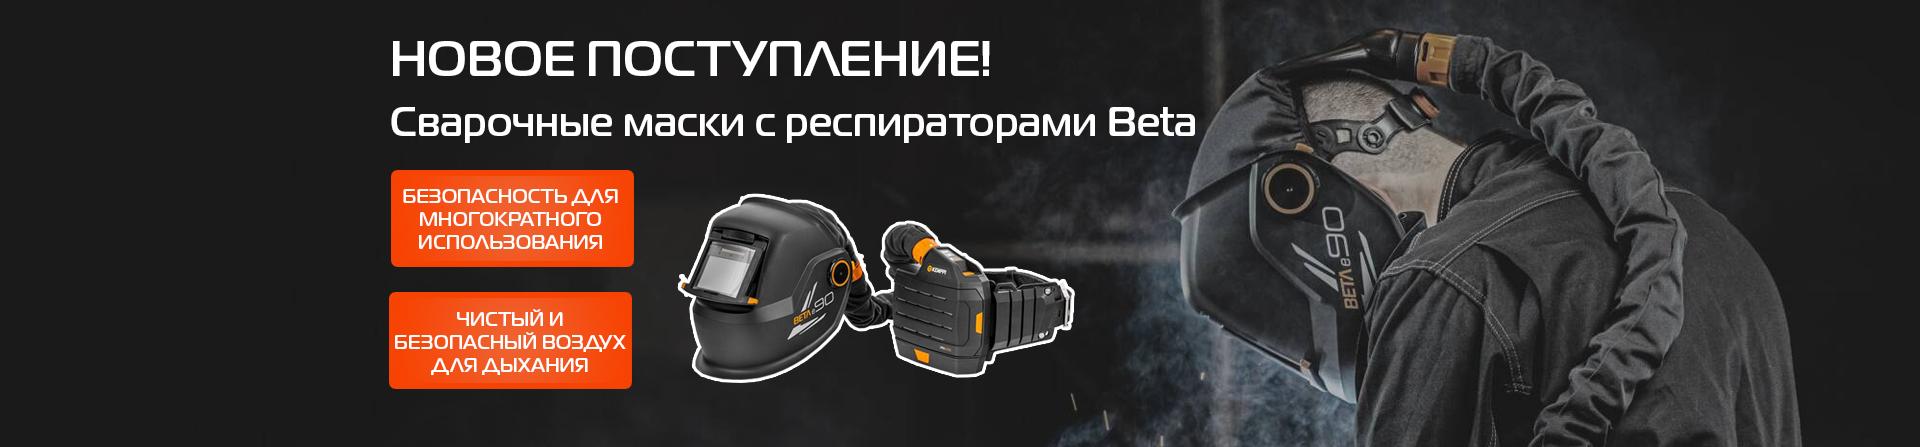 Сварочные респираторы Beta